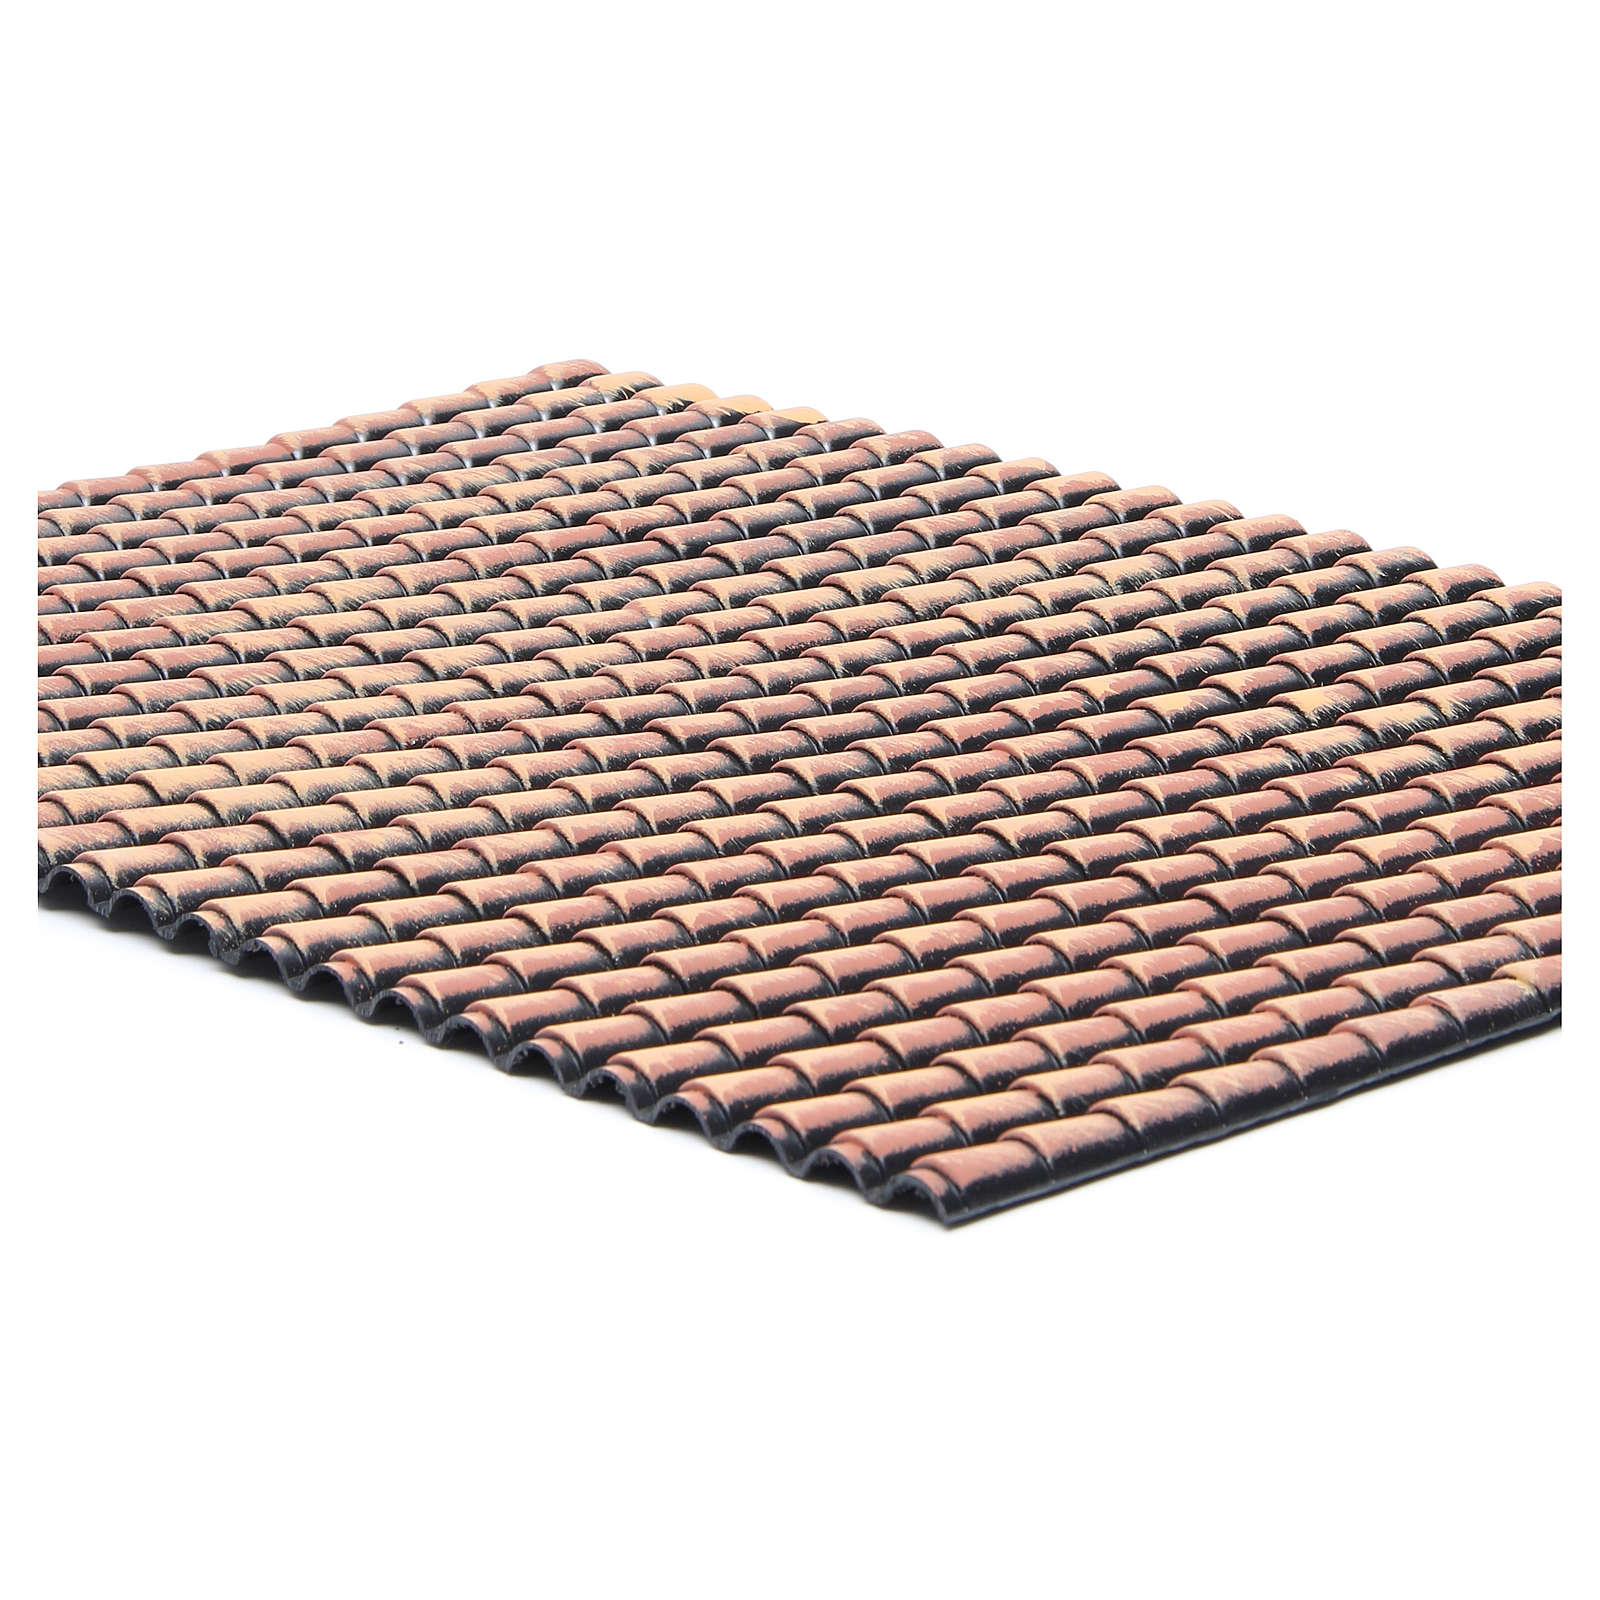 Tetto presepe plastica pannello tegole rosse sfumate 50x35 cm 4